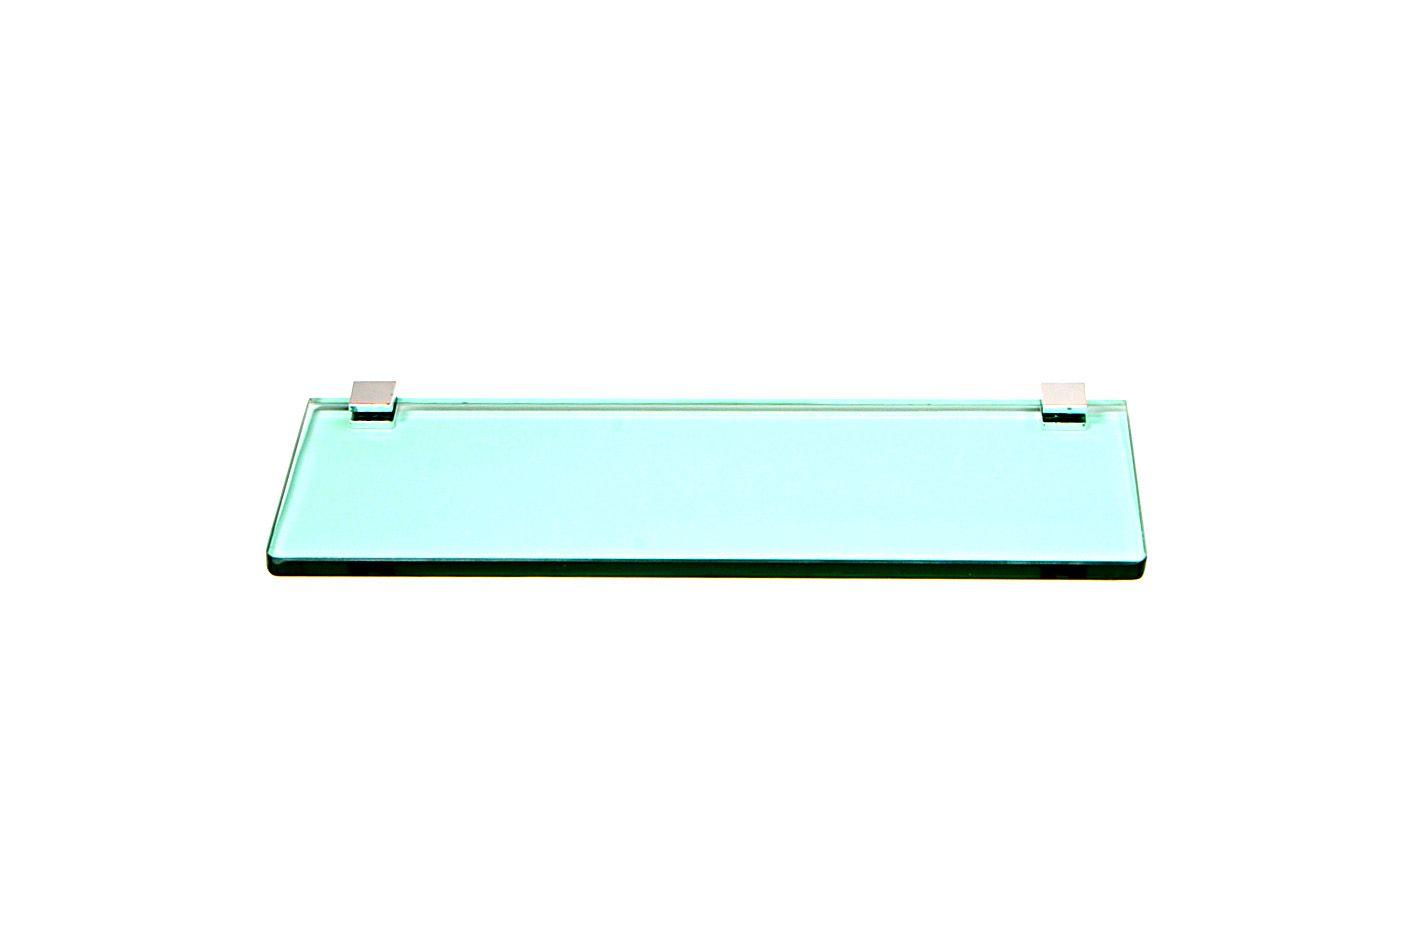 Porta Shampoo Reto em Vidro Verde Lapidado - Aquabox  - 30cmx9cmx8mm